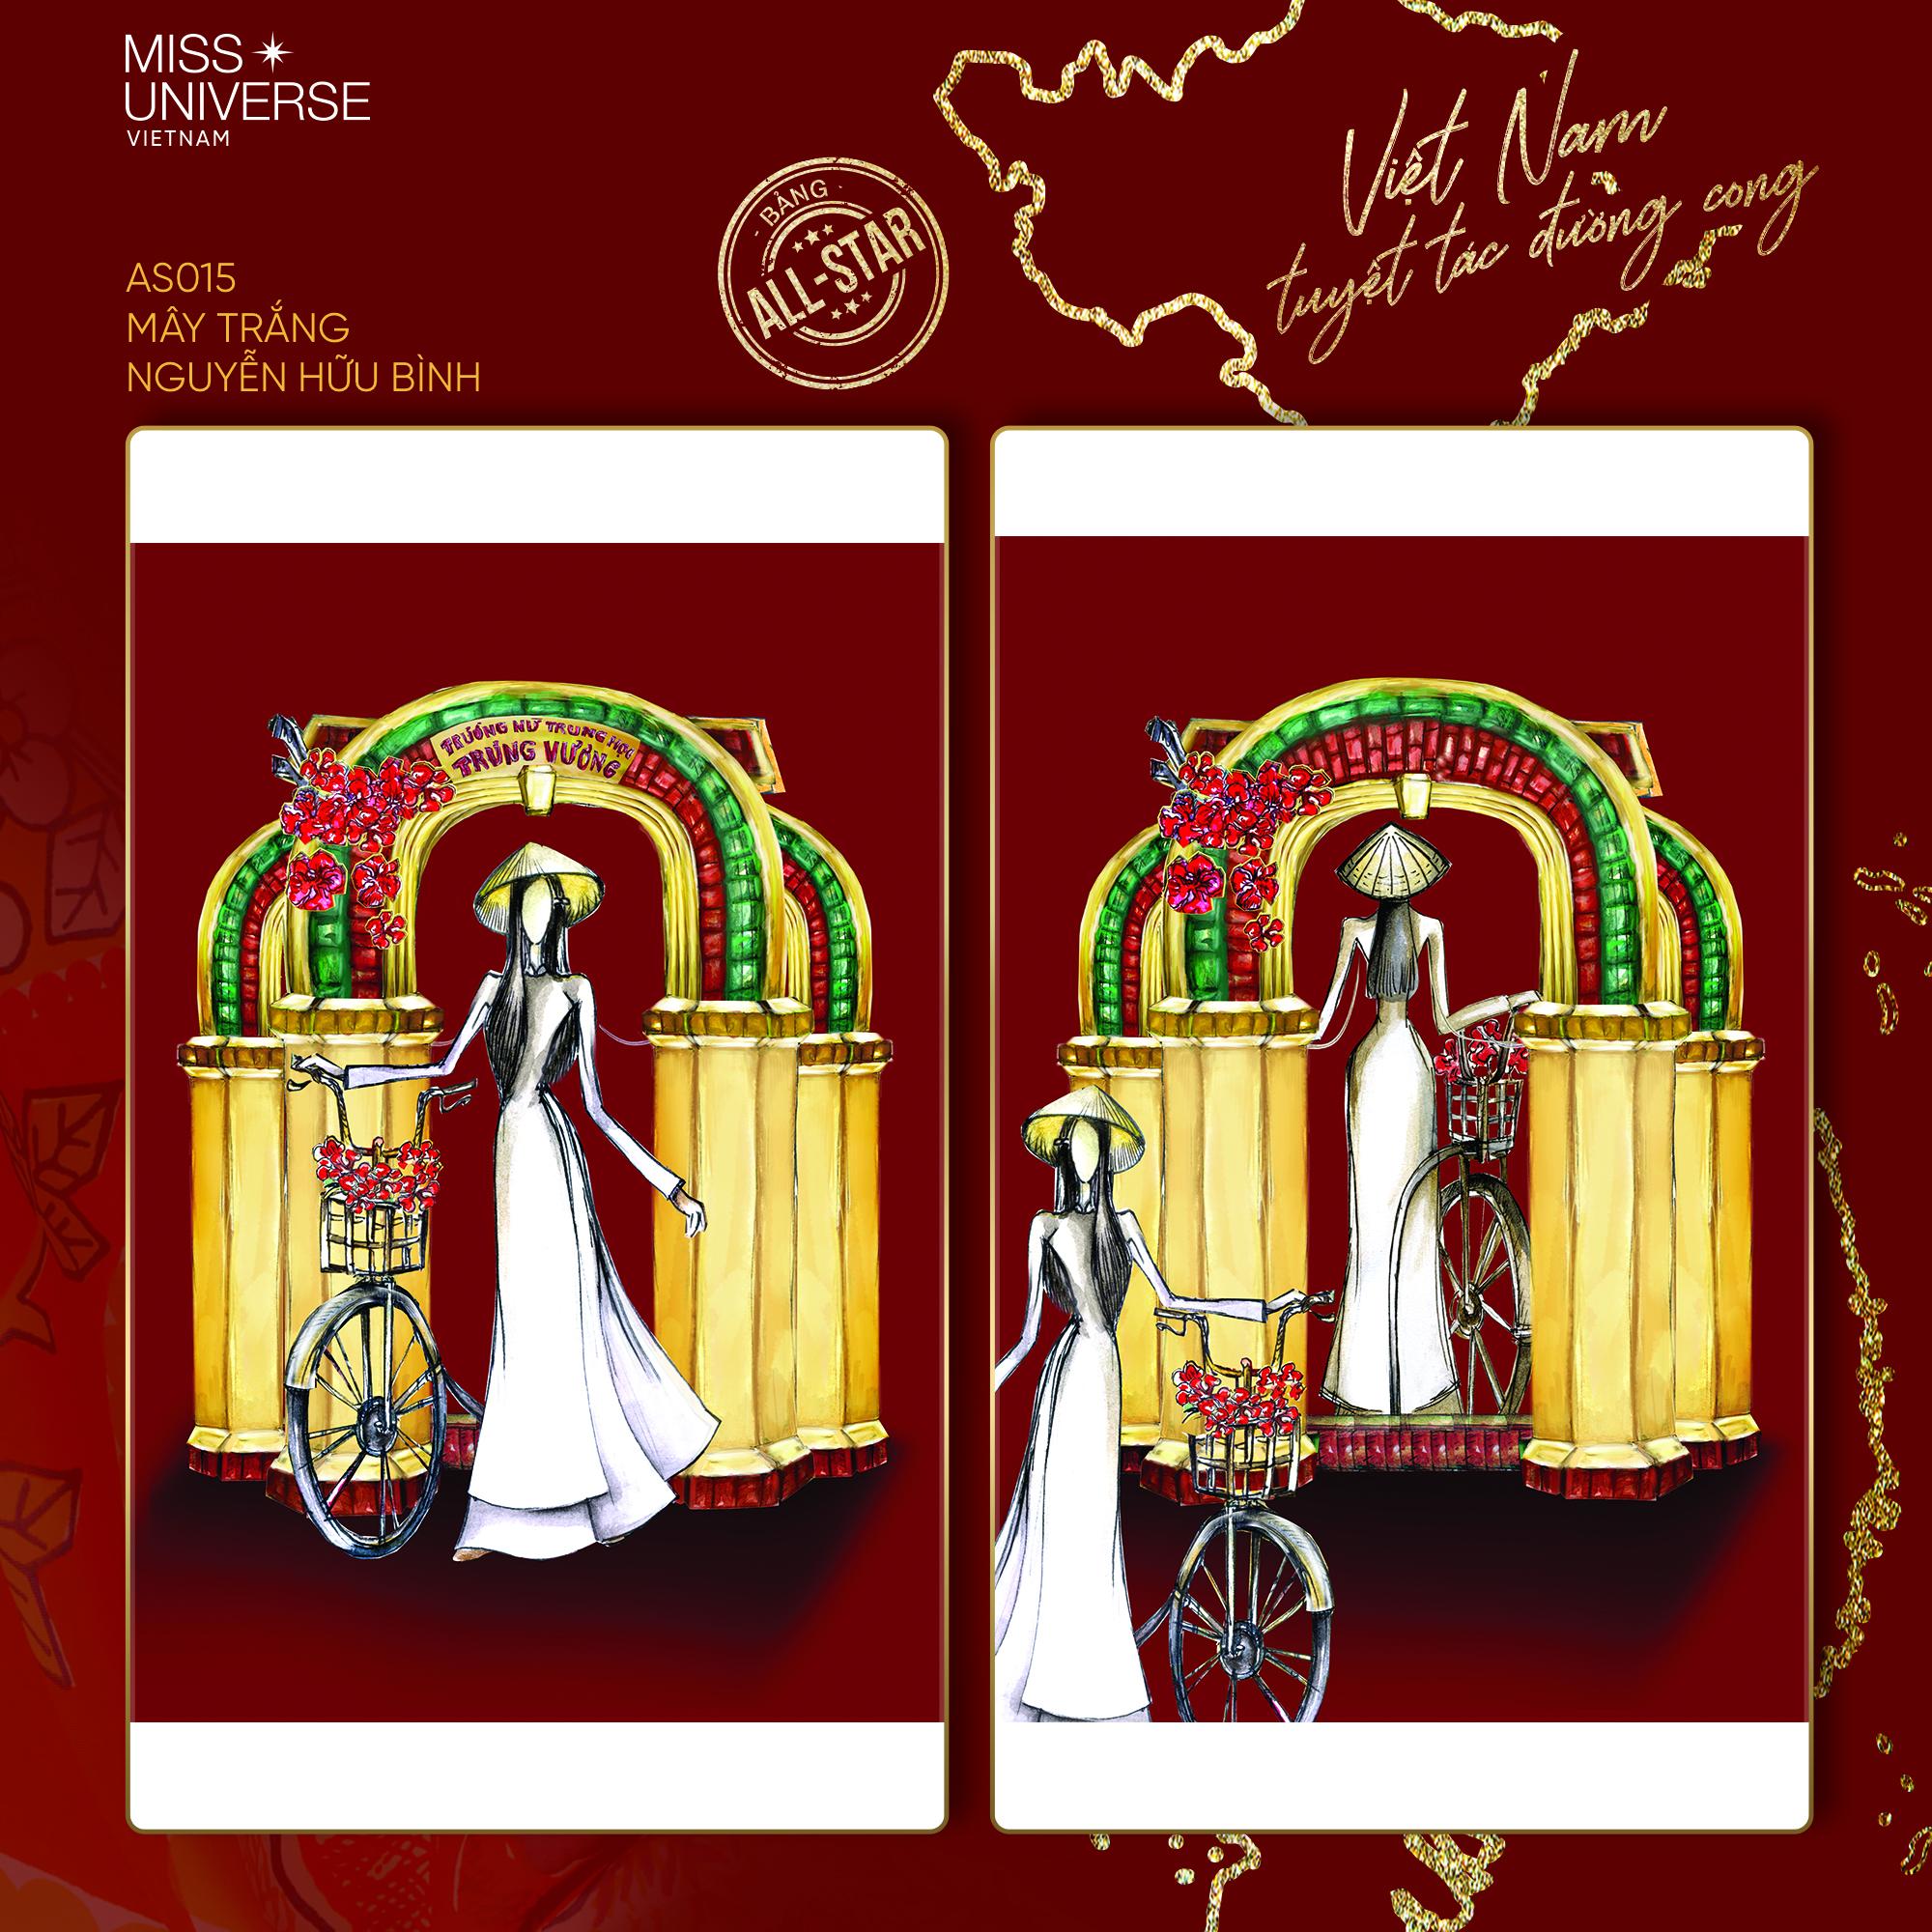 Chủ nhân National Costume Nàng Mây thiết kế váy tàu điện Metro cho Khánh Vân: Cổng trường cũng thành trang phục cực chất Ảnh 16